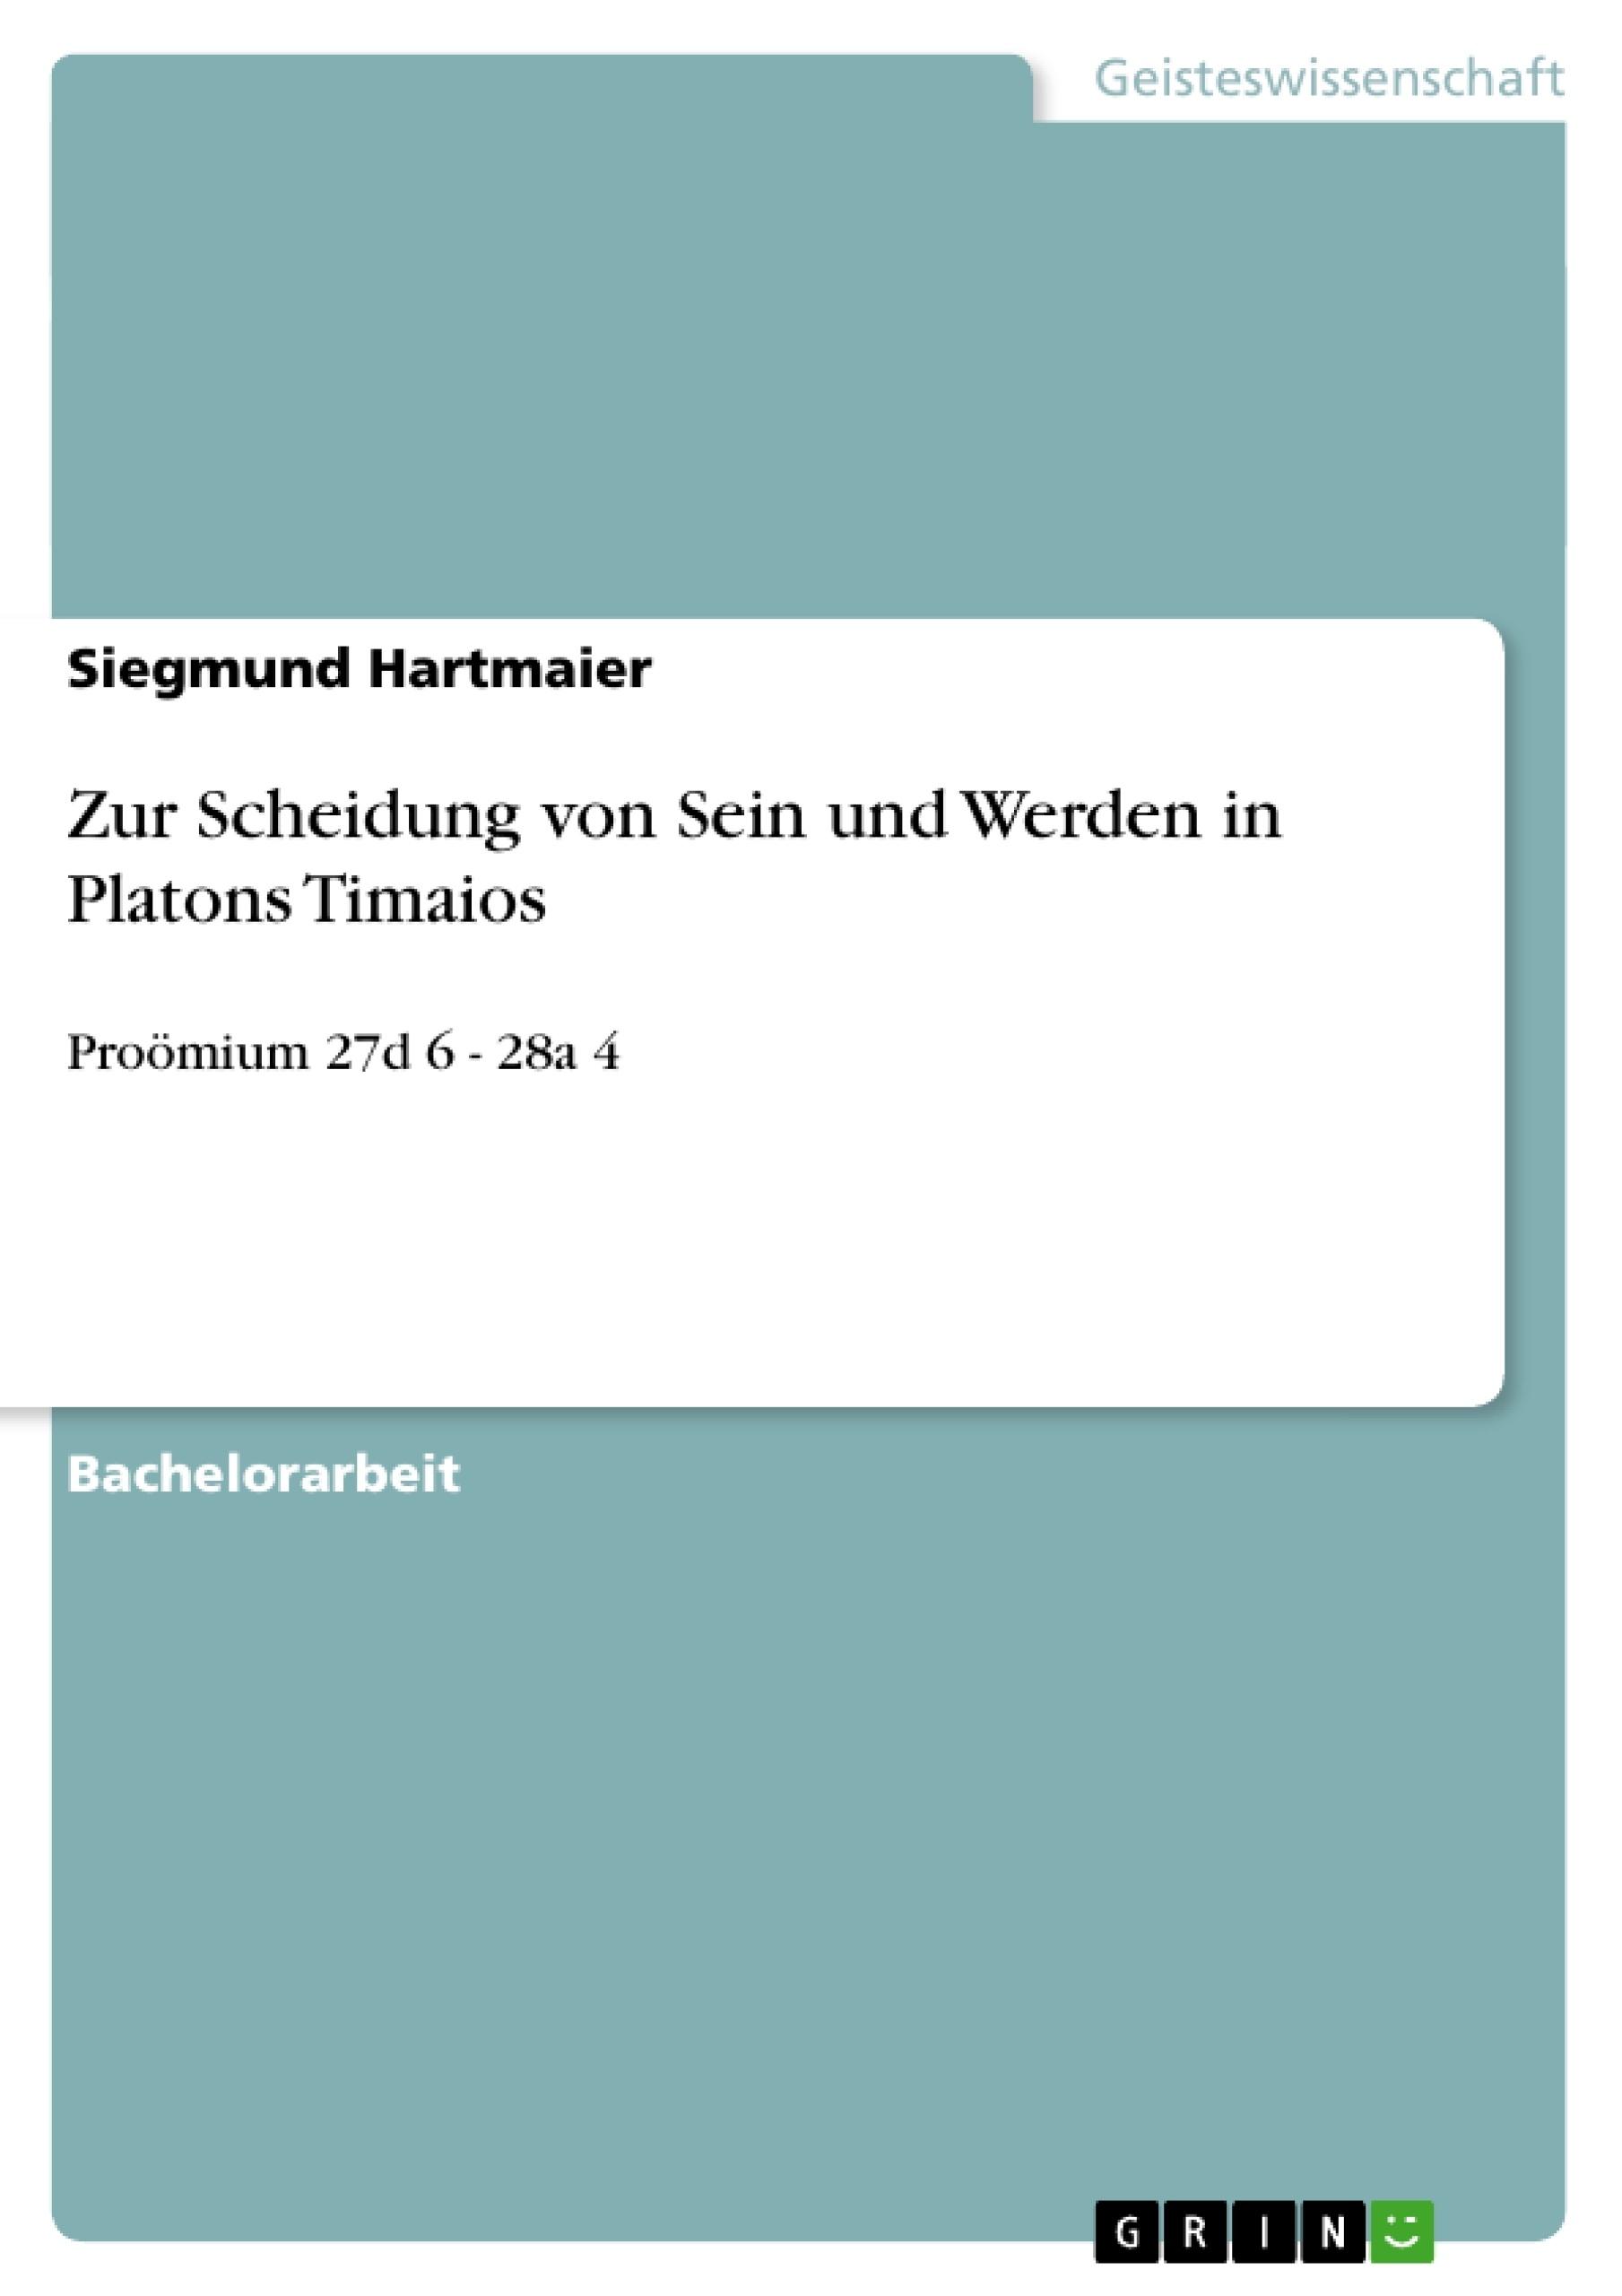 Titel: Zur Scheidung von Sein und Werden in Platons Timaios